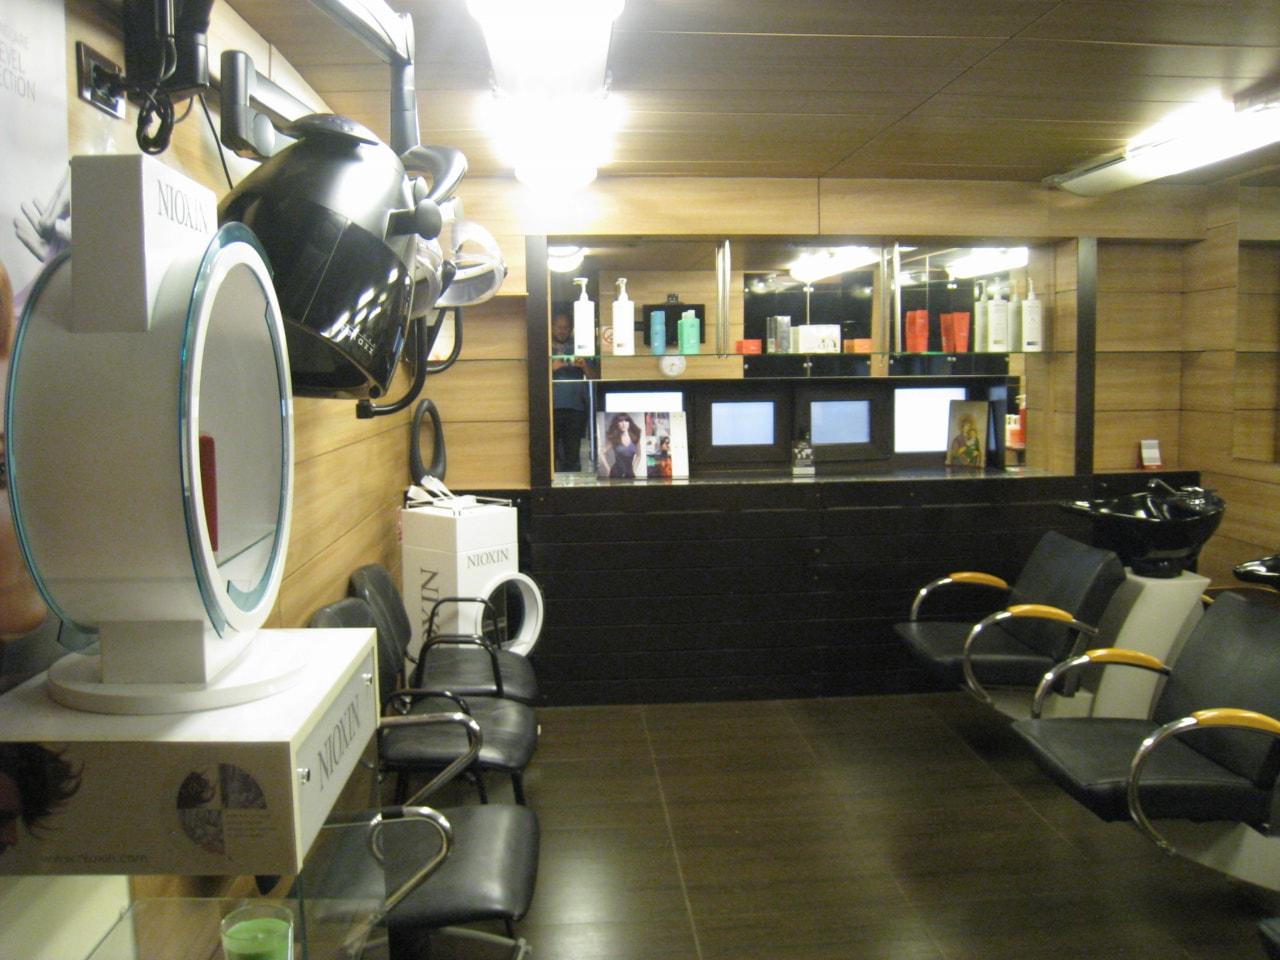 Salon Blondi interior3-min